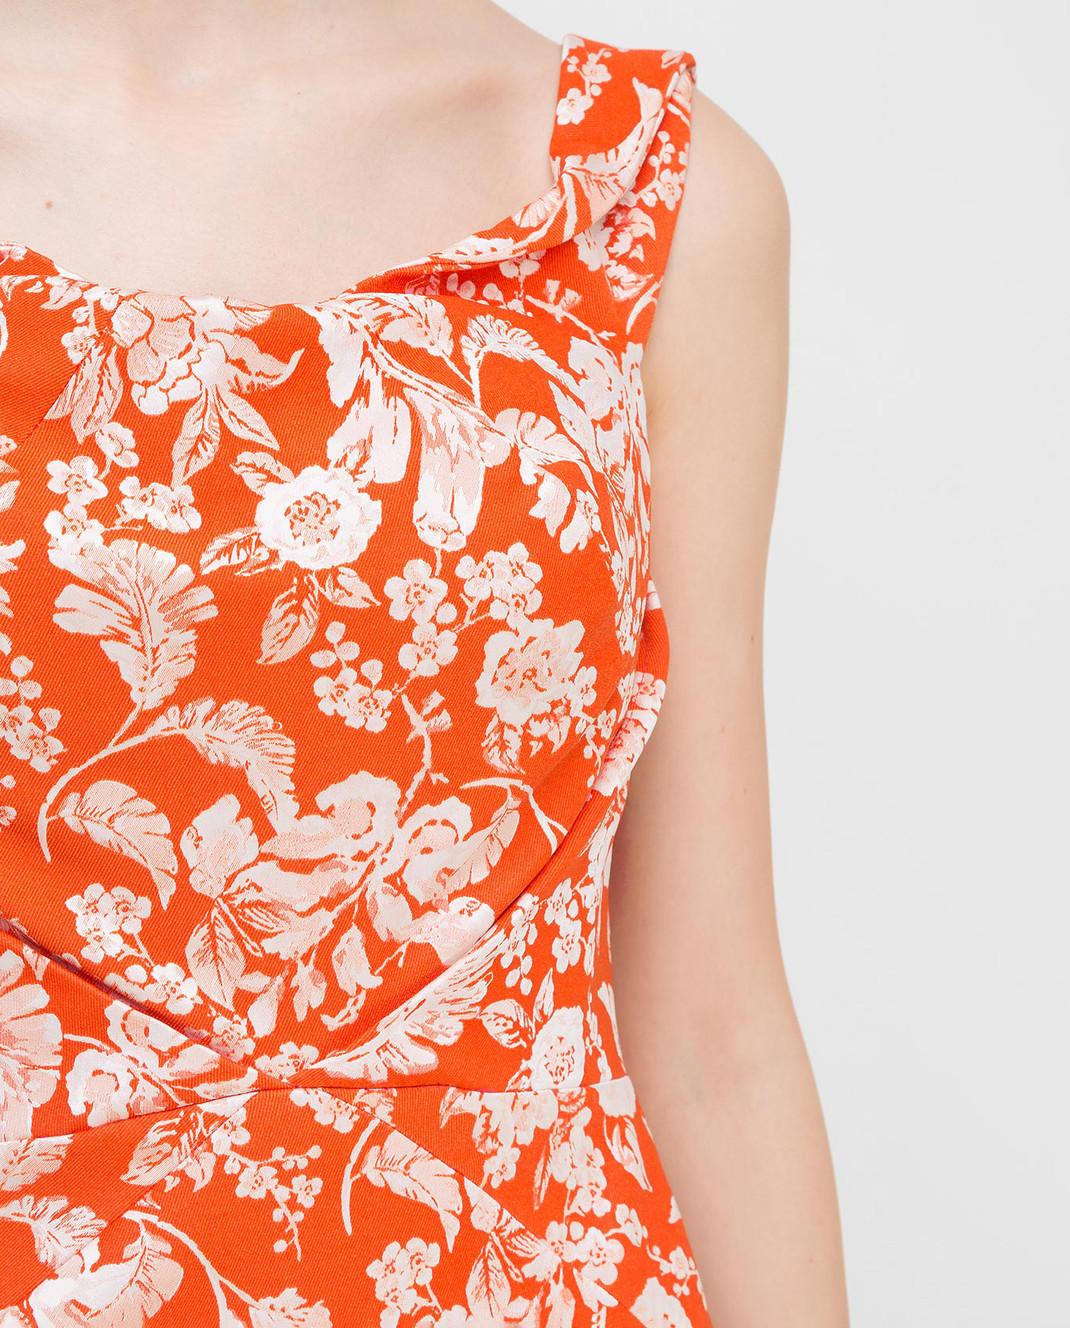 Zac Posen Оранжевое платье 23547753 изображение 5